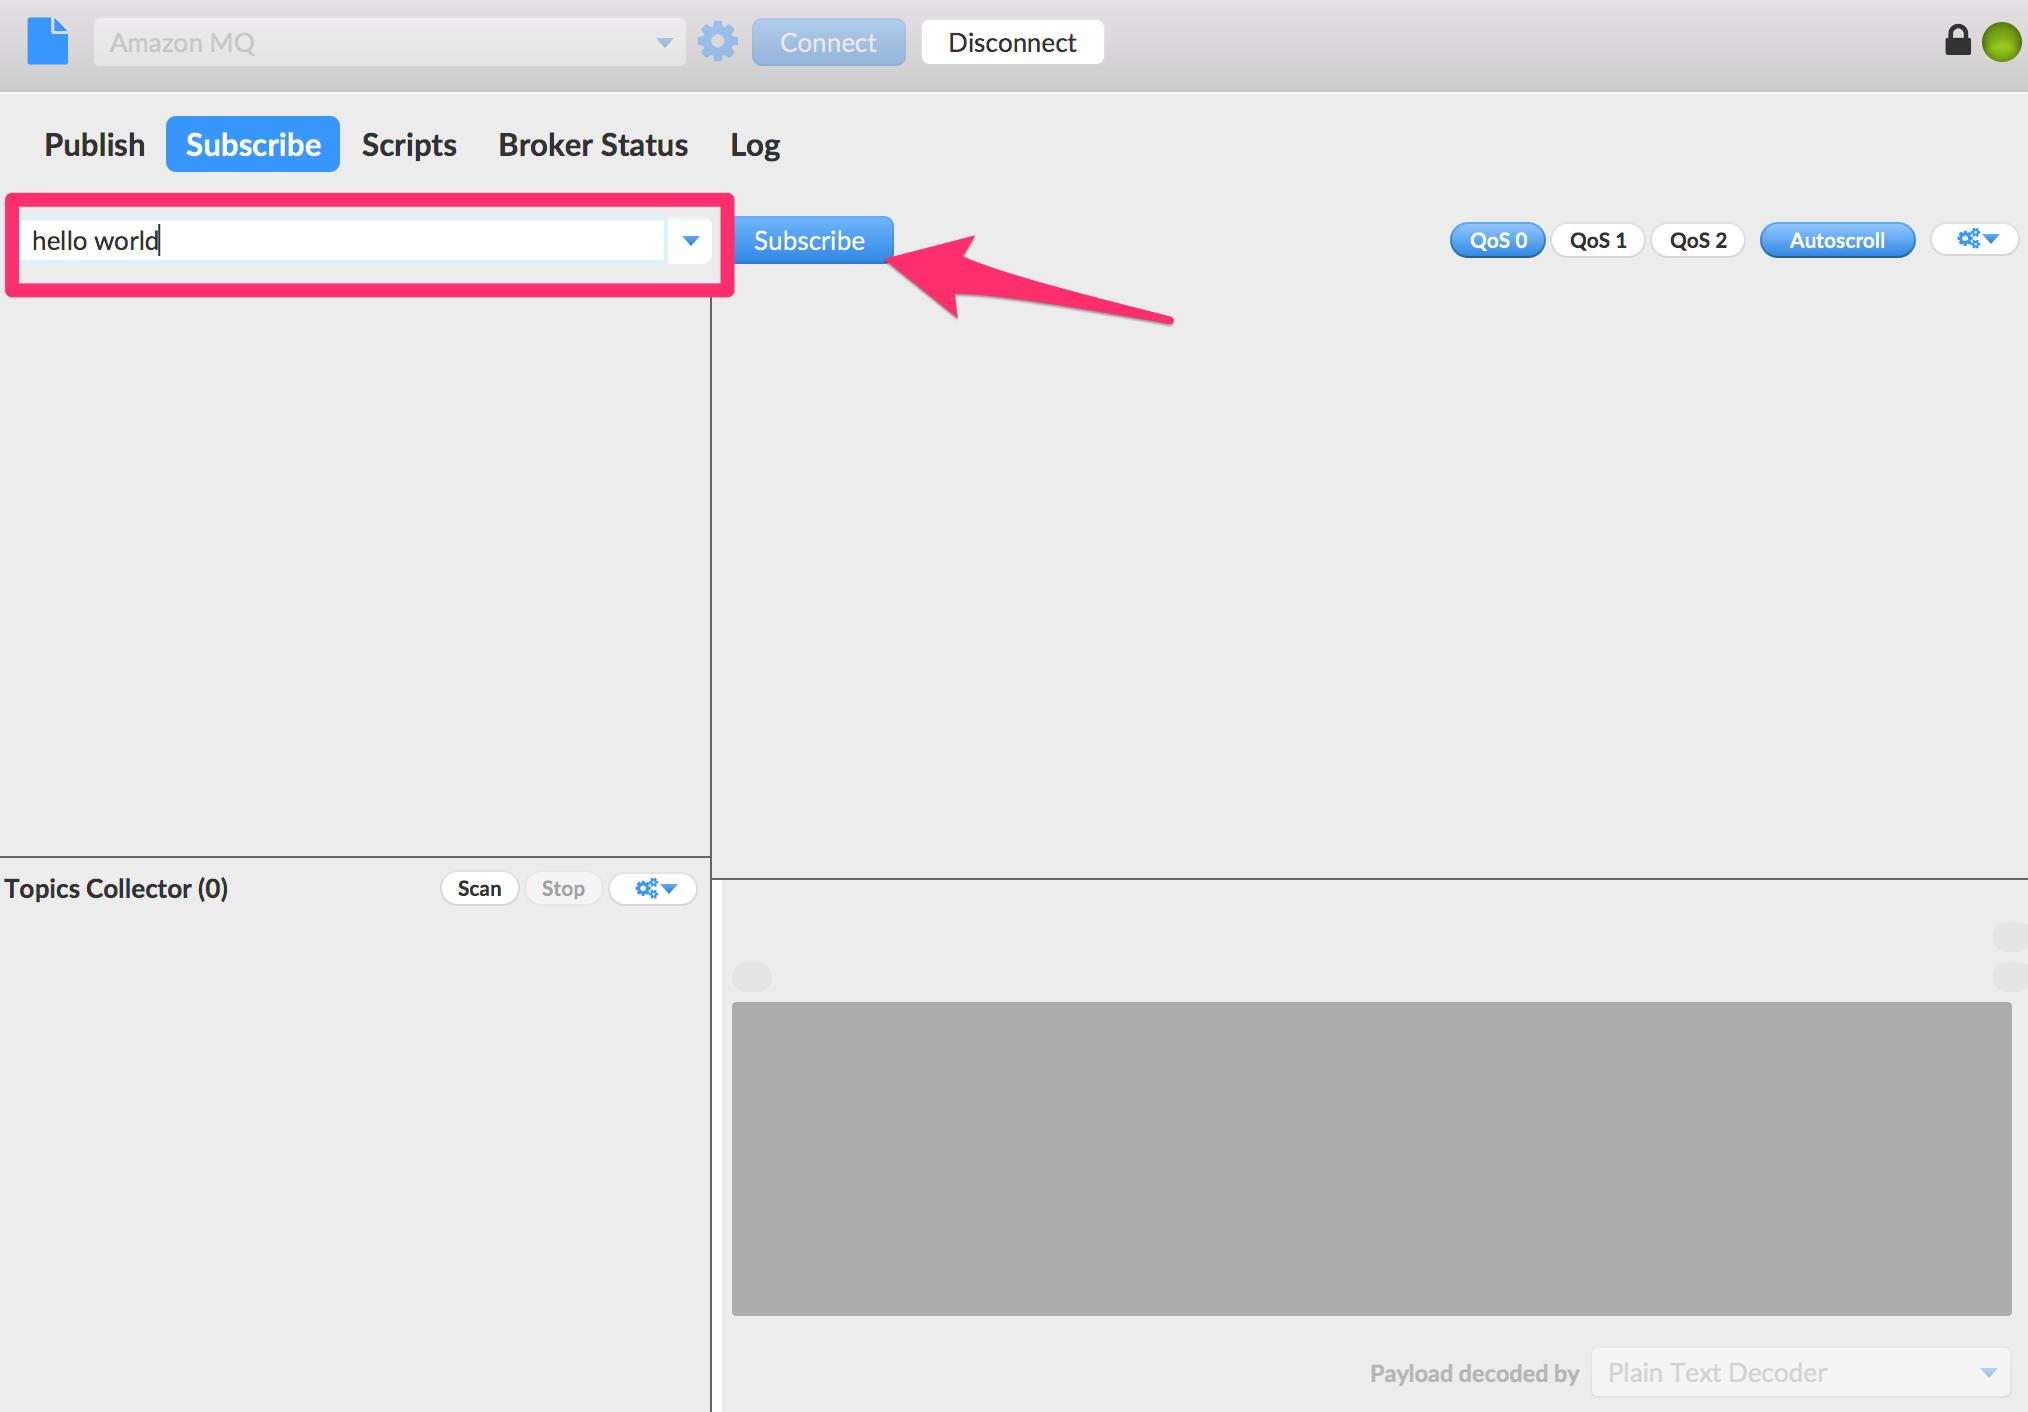 速報】新サービスAmazon MQを早速使ってみた! #reinvent | DevelopersIO